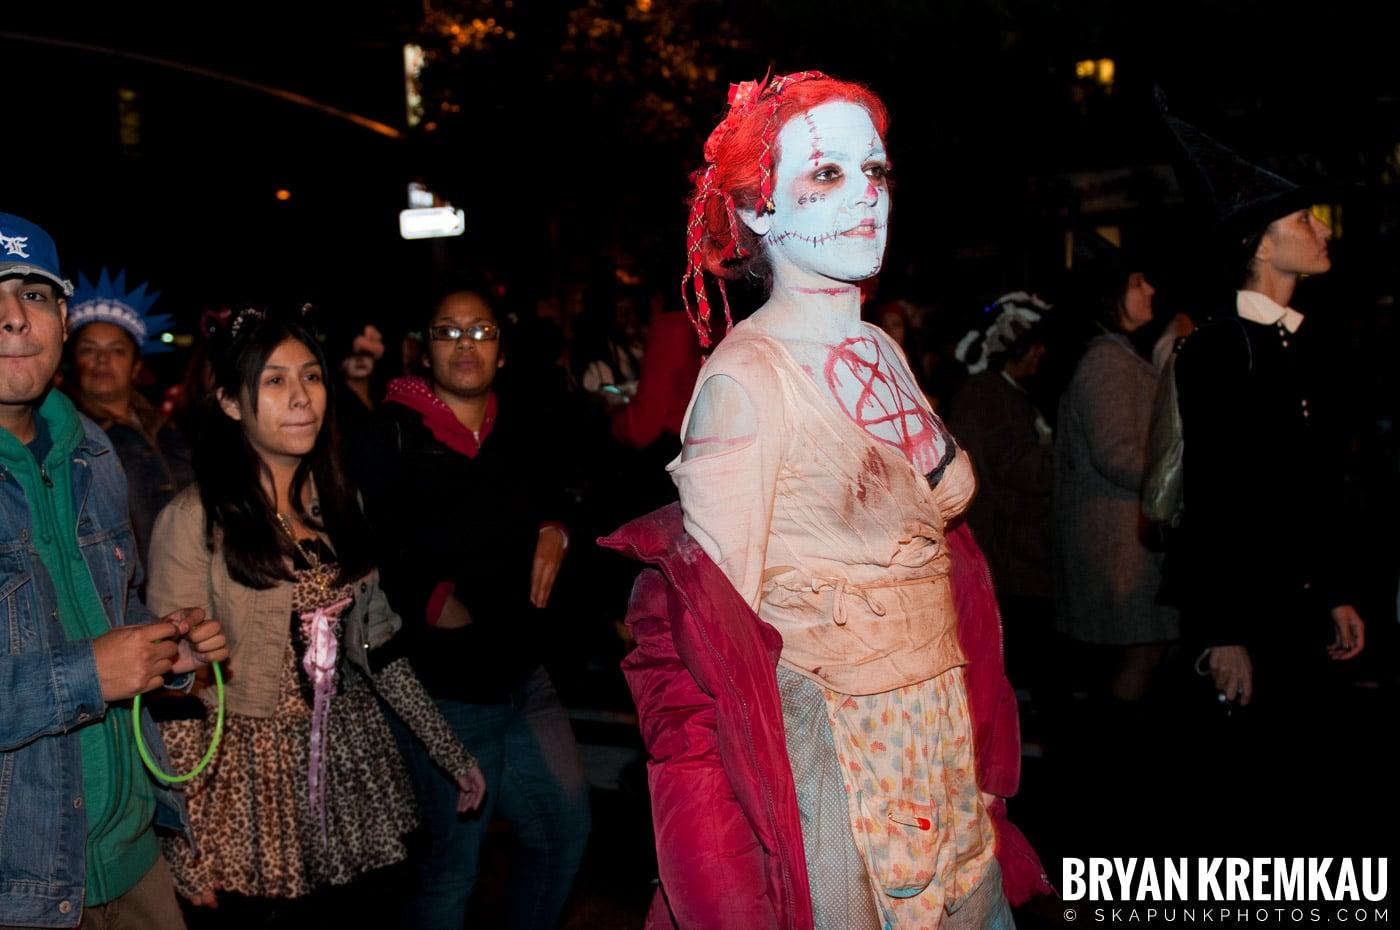 NYC Halloween Parade 2011 @ New York, NY - 10.31.11 (10)